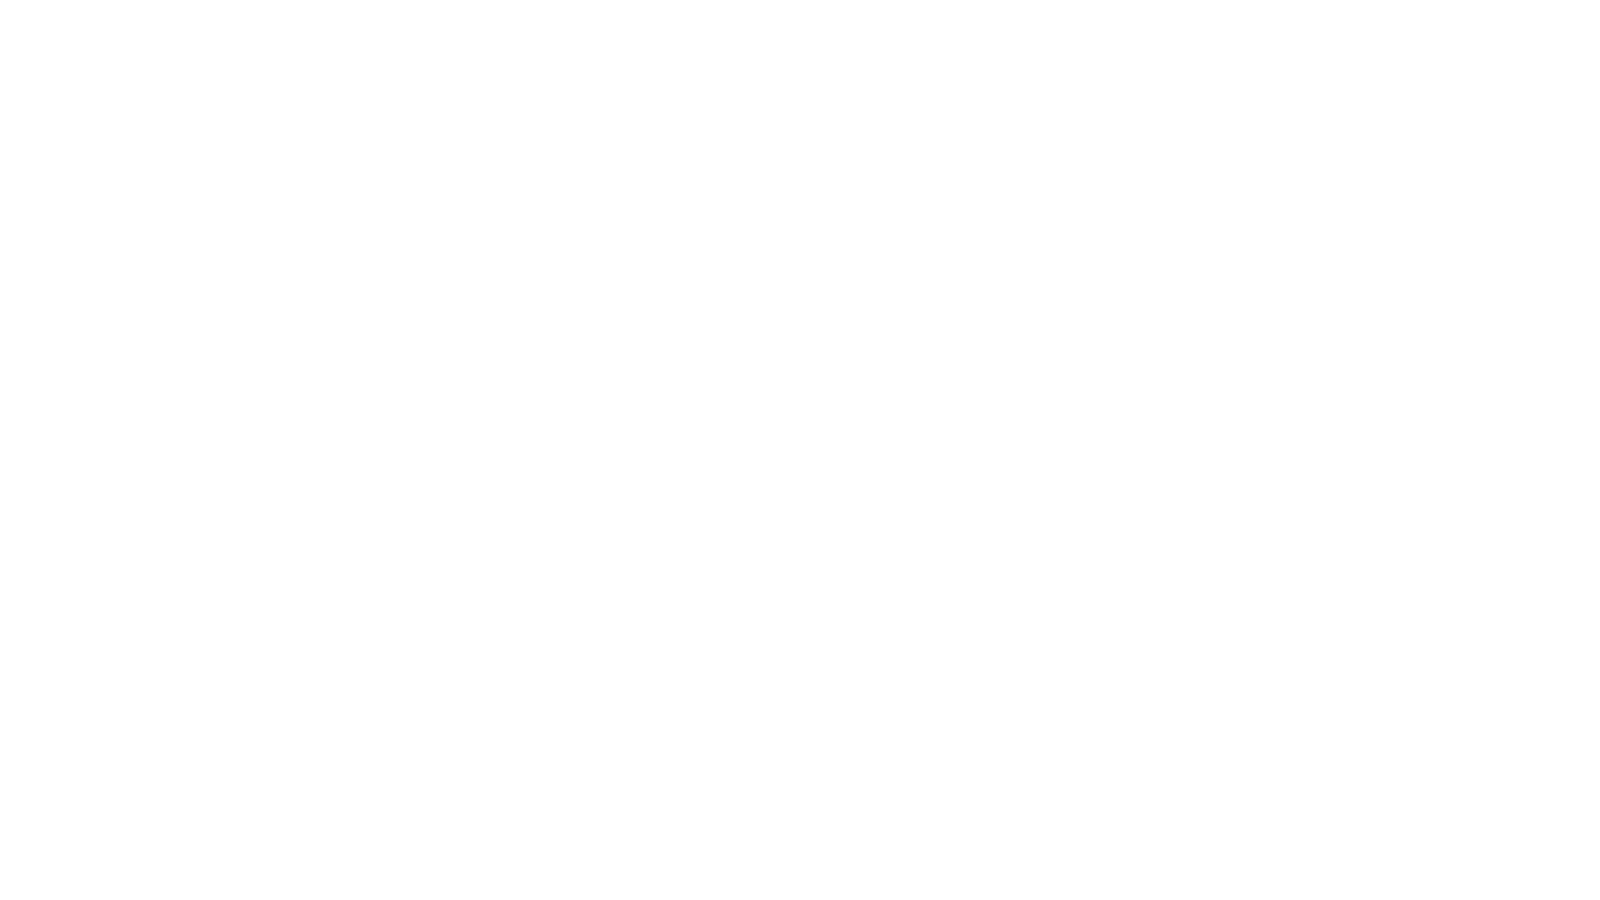 丸富チャンネルをご視聴いただきありがとうございます。 今回は2021年モデル HONDA PCX125の取扱説明動画をご紹介します。  【2021年モデル HONDA PCX125の製品情報はこちら】 https://www.honda.co.jp/PCX/ ★ ★ ★ ★ ★ ★ ★ ★ ★ ★  【ご紹介店舗】 ホンダドリーム新横浜 ■公式サイト:https://camelback.co.jp/shinyokohama/ ■所在地:〒221-0802 横浜市神奈川区六角橋6-30-26 ■営業時間:10:00~17:00 ■定休日:毎週水曜日、第2・3火曜日 ※定休日は月によって変動する場合があります。 ■TEL:045-413-7077 ■MAIL:info_shinyokohama@honda-dream.com